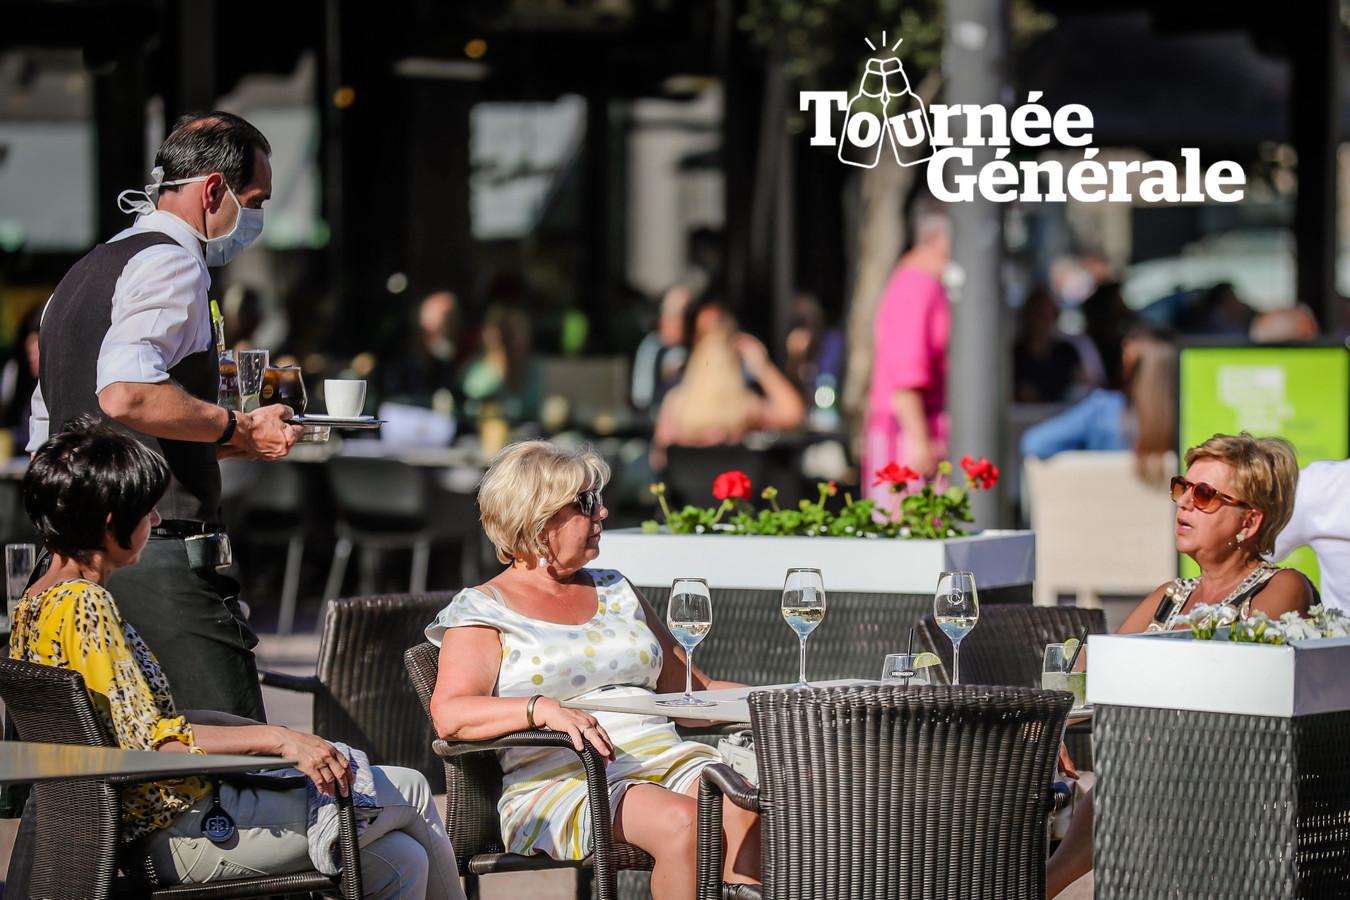 (Archiefbeeld) - Vanaf dit weekend kunnen we weer een terrasje doen in Genk.